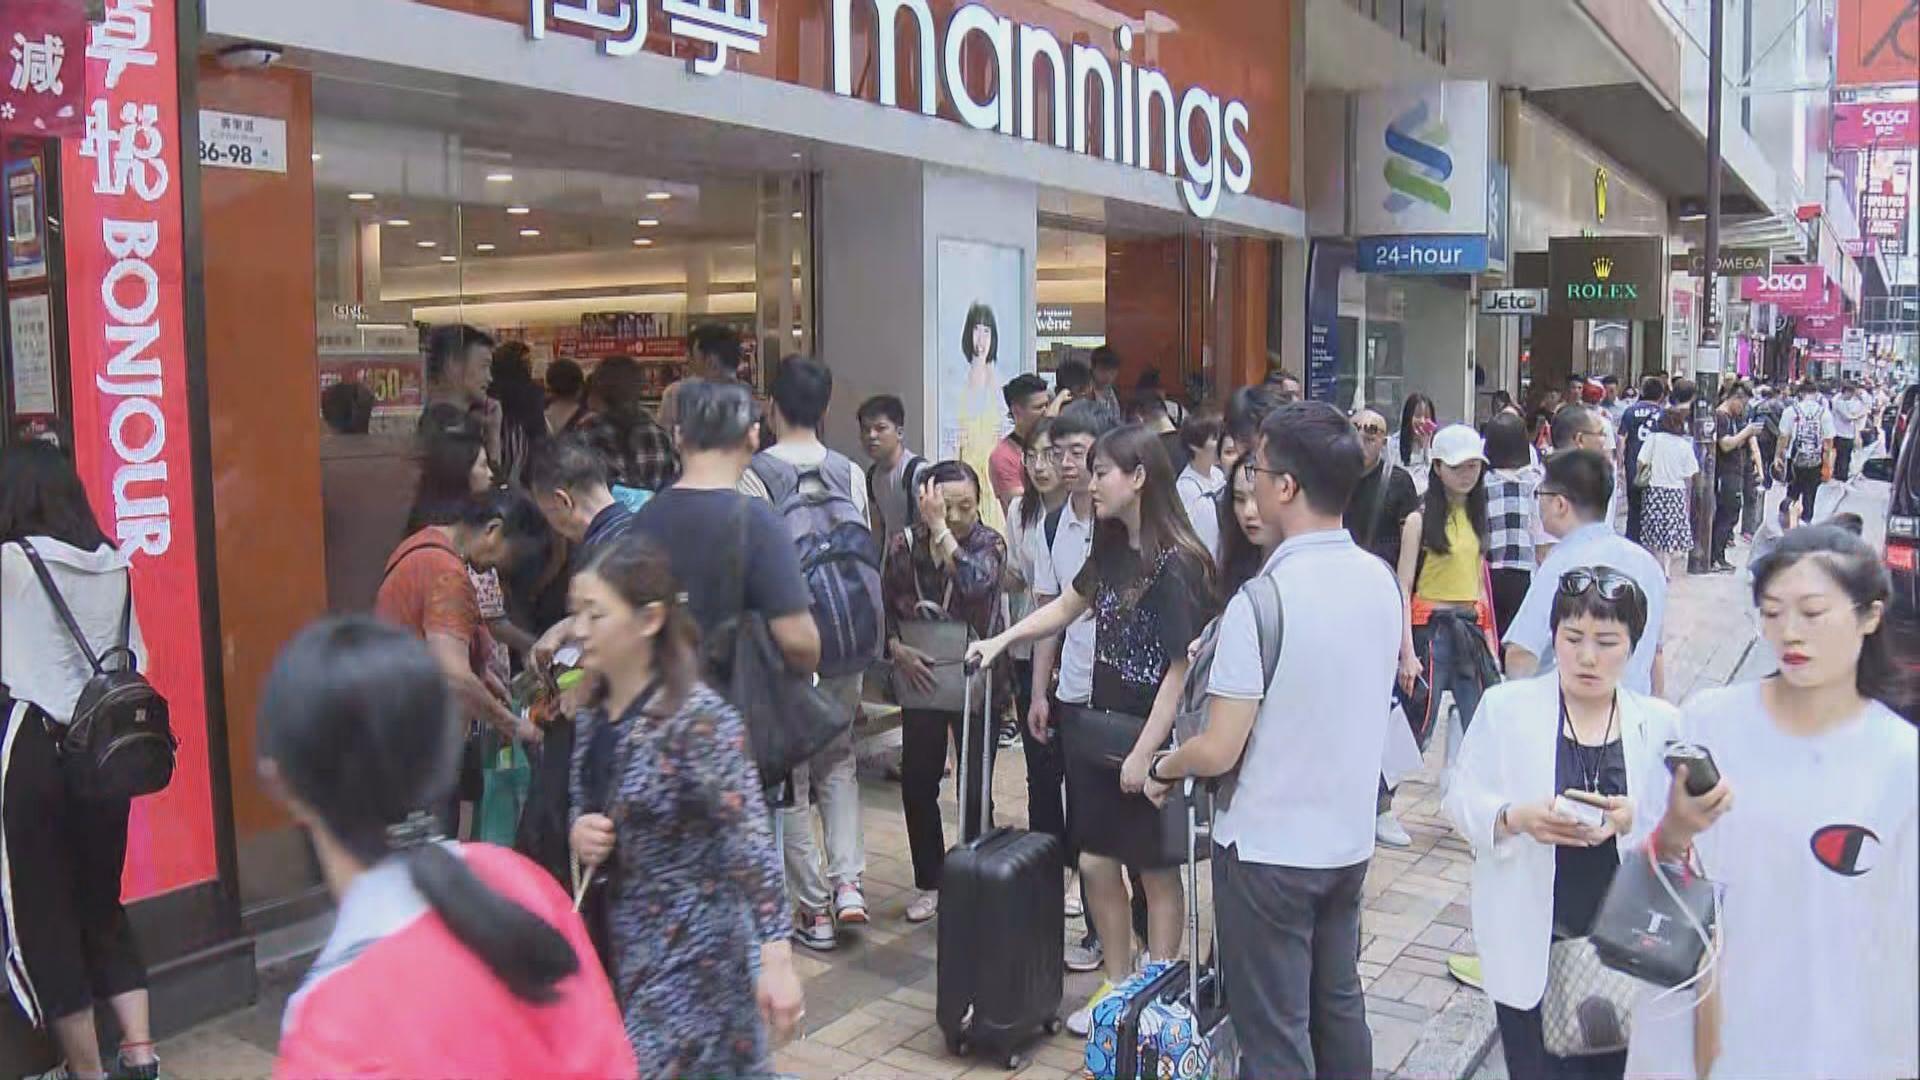 邱騰華:大批旅客訪港無可避免影響市民生活